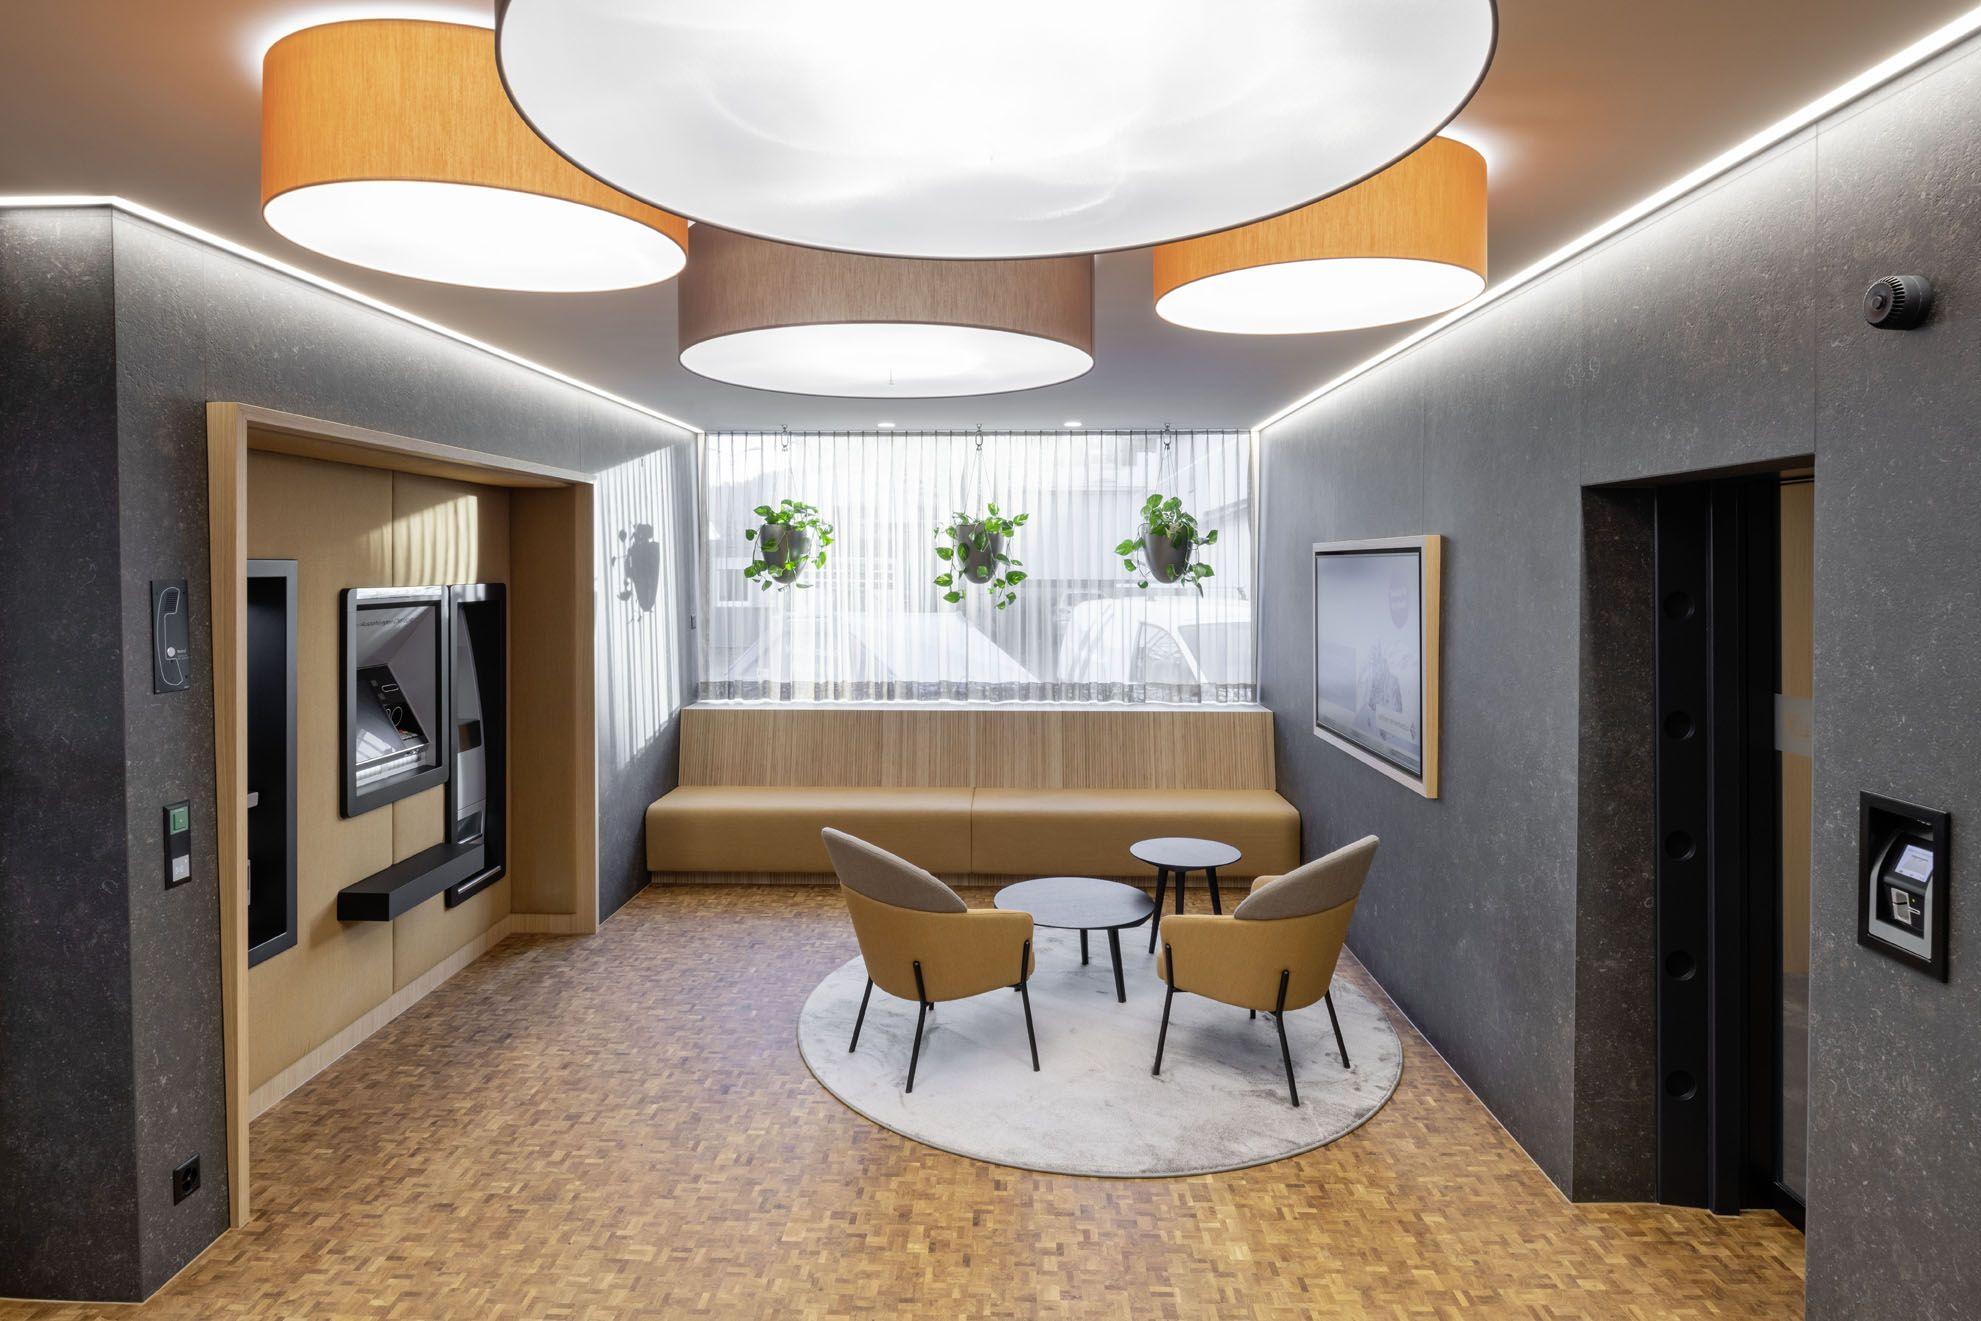 Ademar coffee table and Wam armchair decorates the Raiffeisen Bank branch office in Leuggern, Switzerland.  #Bross #design #designer #furniture #italiandesign #officedesign #workplace #armchair #coffeetable #luxuryfurniture #interiorideas #designinspiration #archiproducts #lovedesign